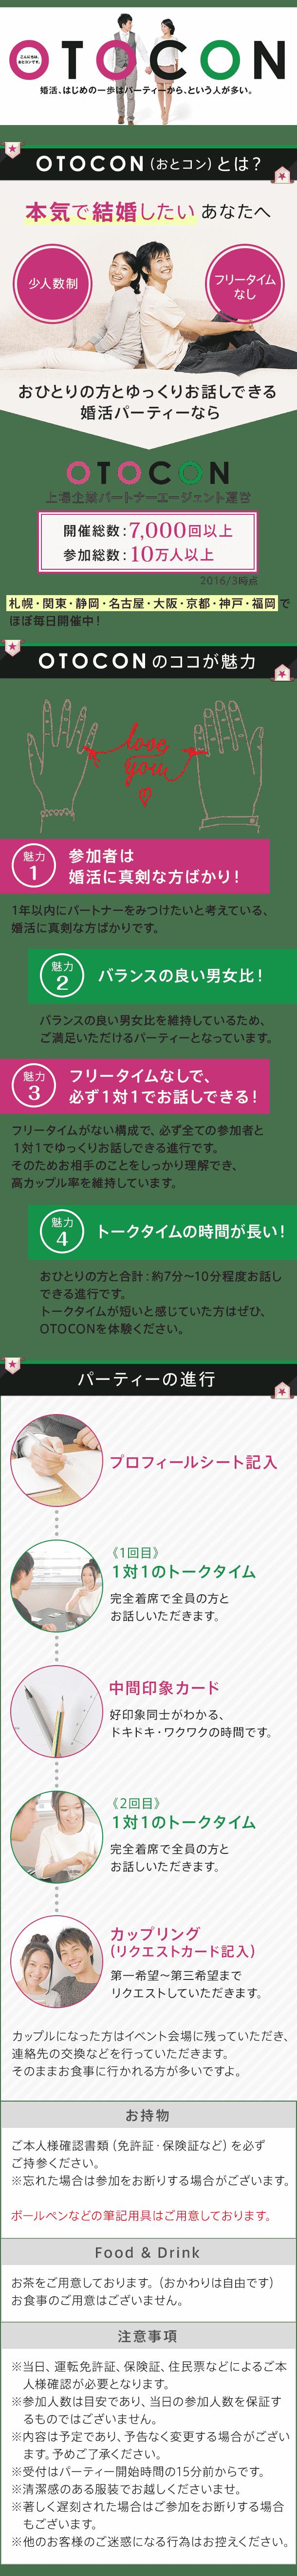 街コンジャパン用 (1)